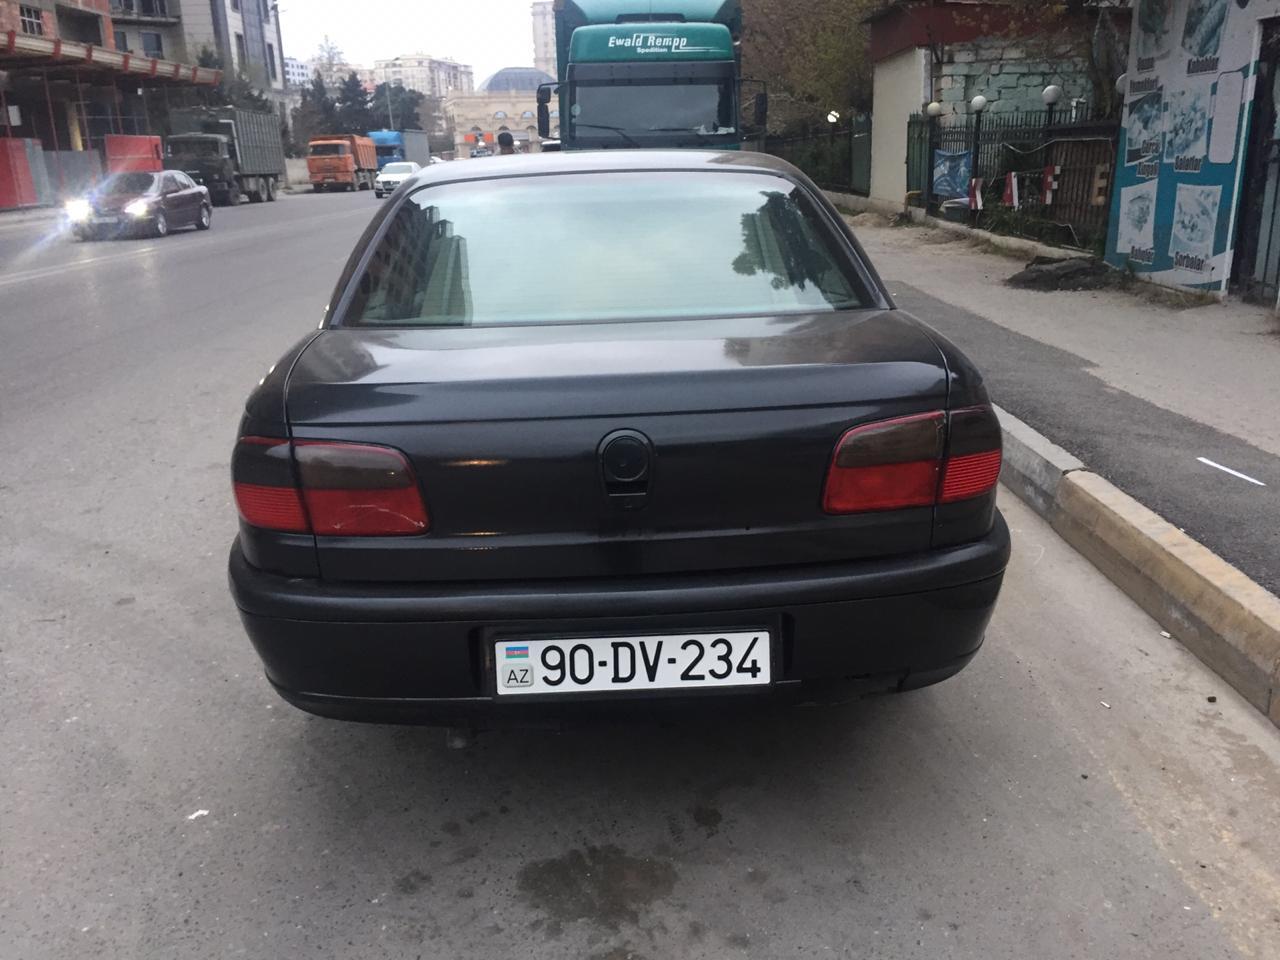 Opel Omega 2.0(lt) 1995 İkinci əl  $4200